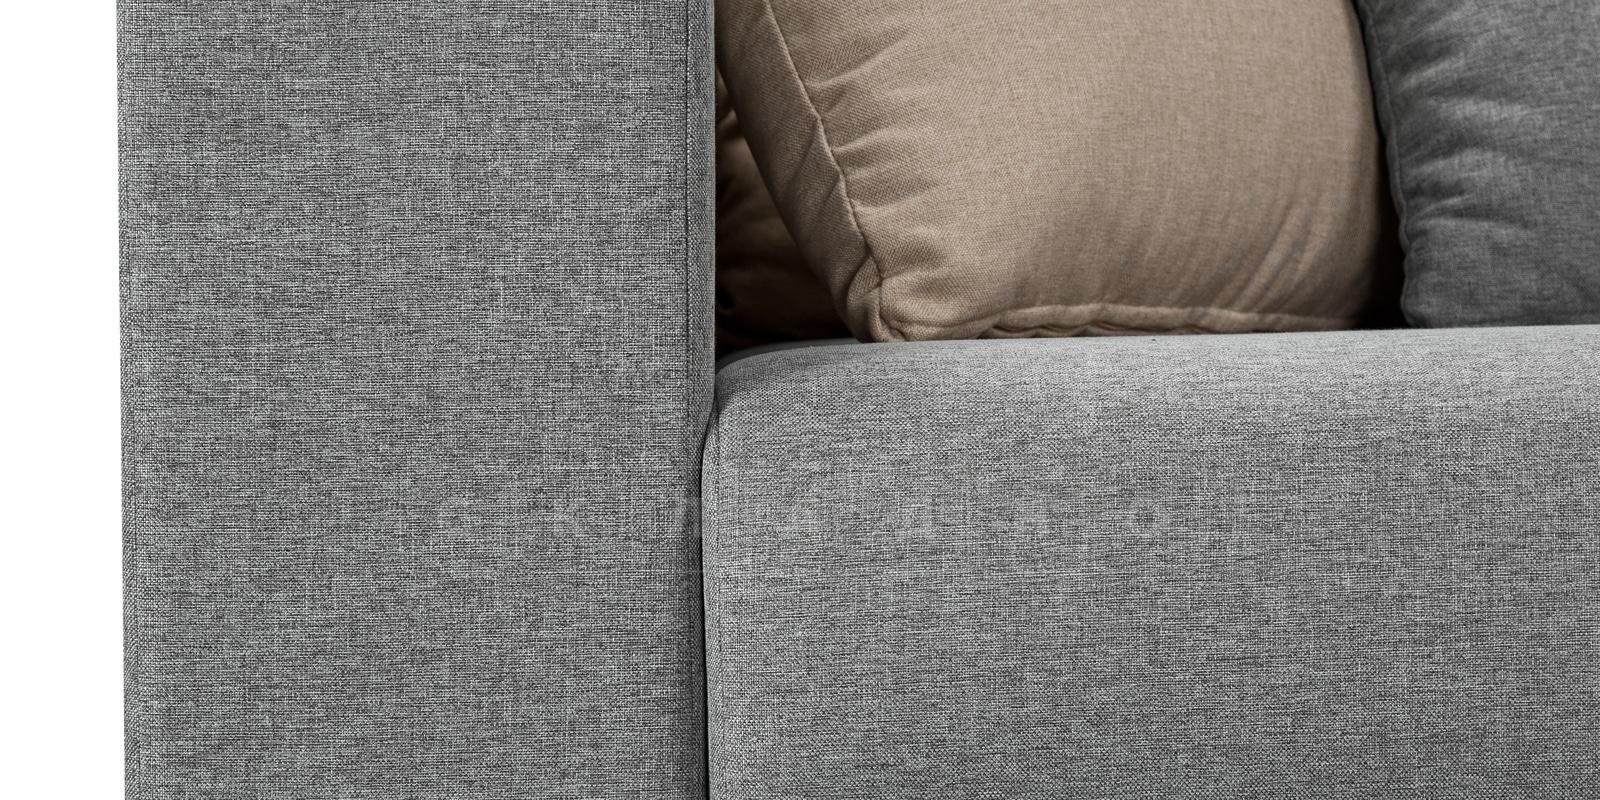 Угловой диван Медисон серый 345х224 см фото 5 | интернет-магазин Складно